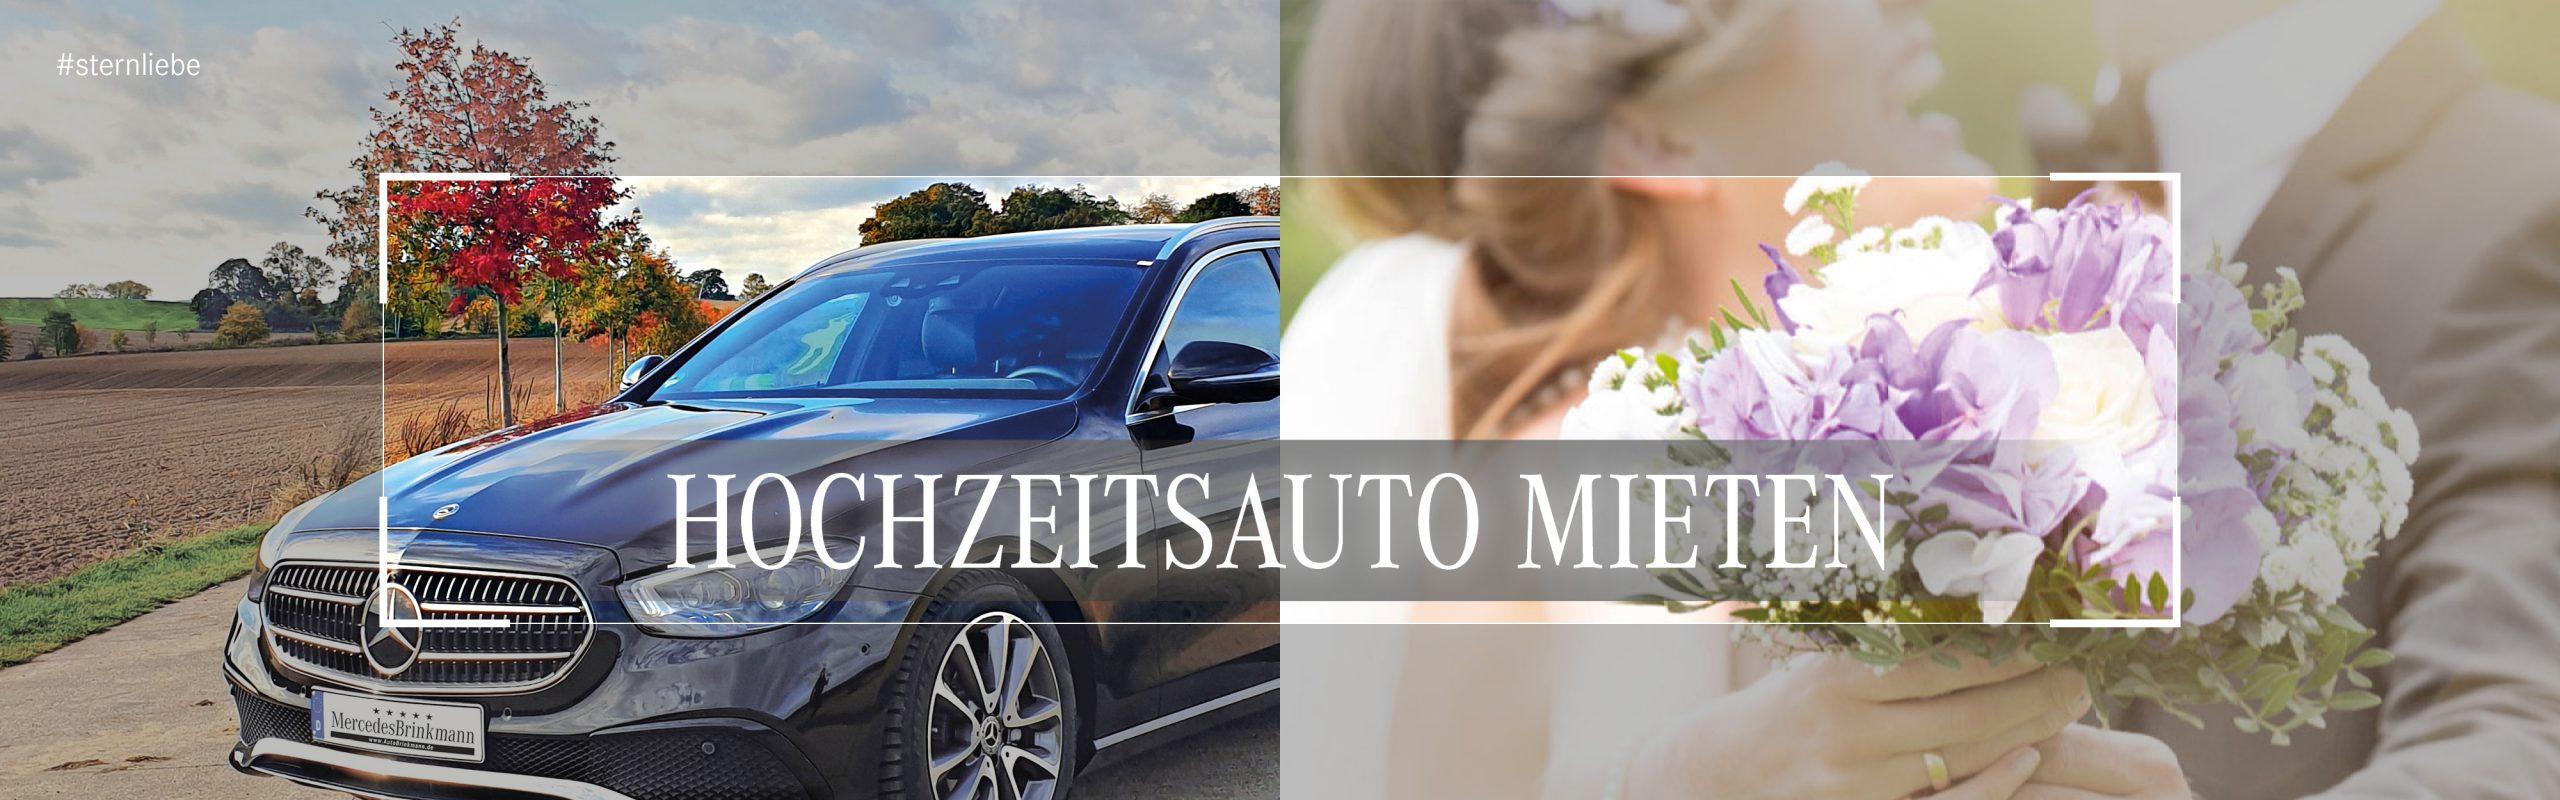 Banner-Hochzeitsautomieten bei mercedes brinkmann